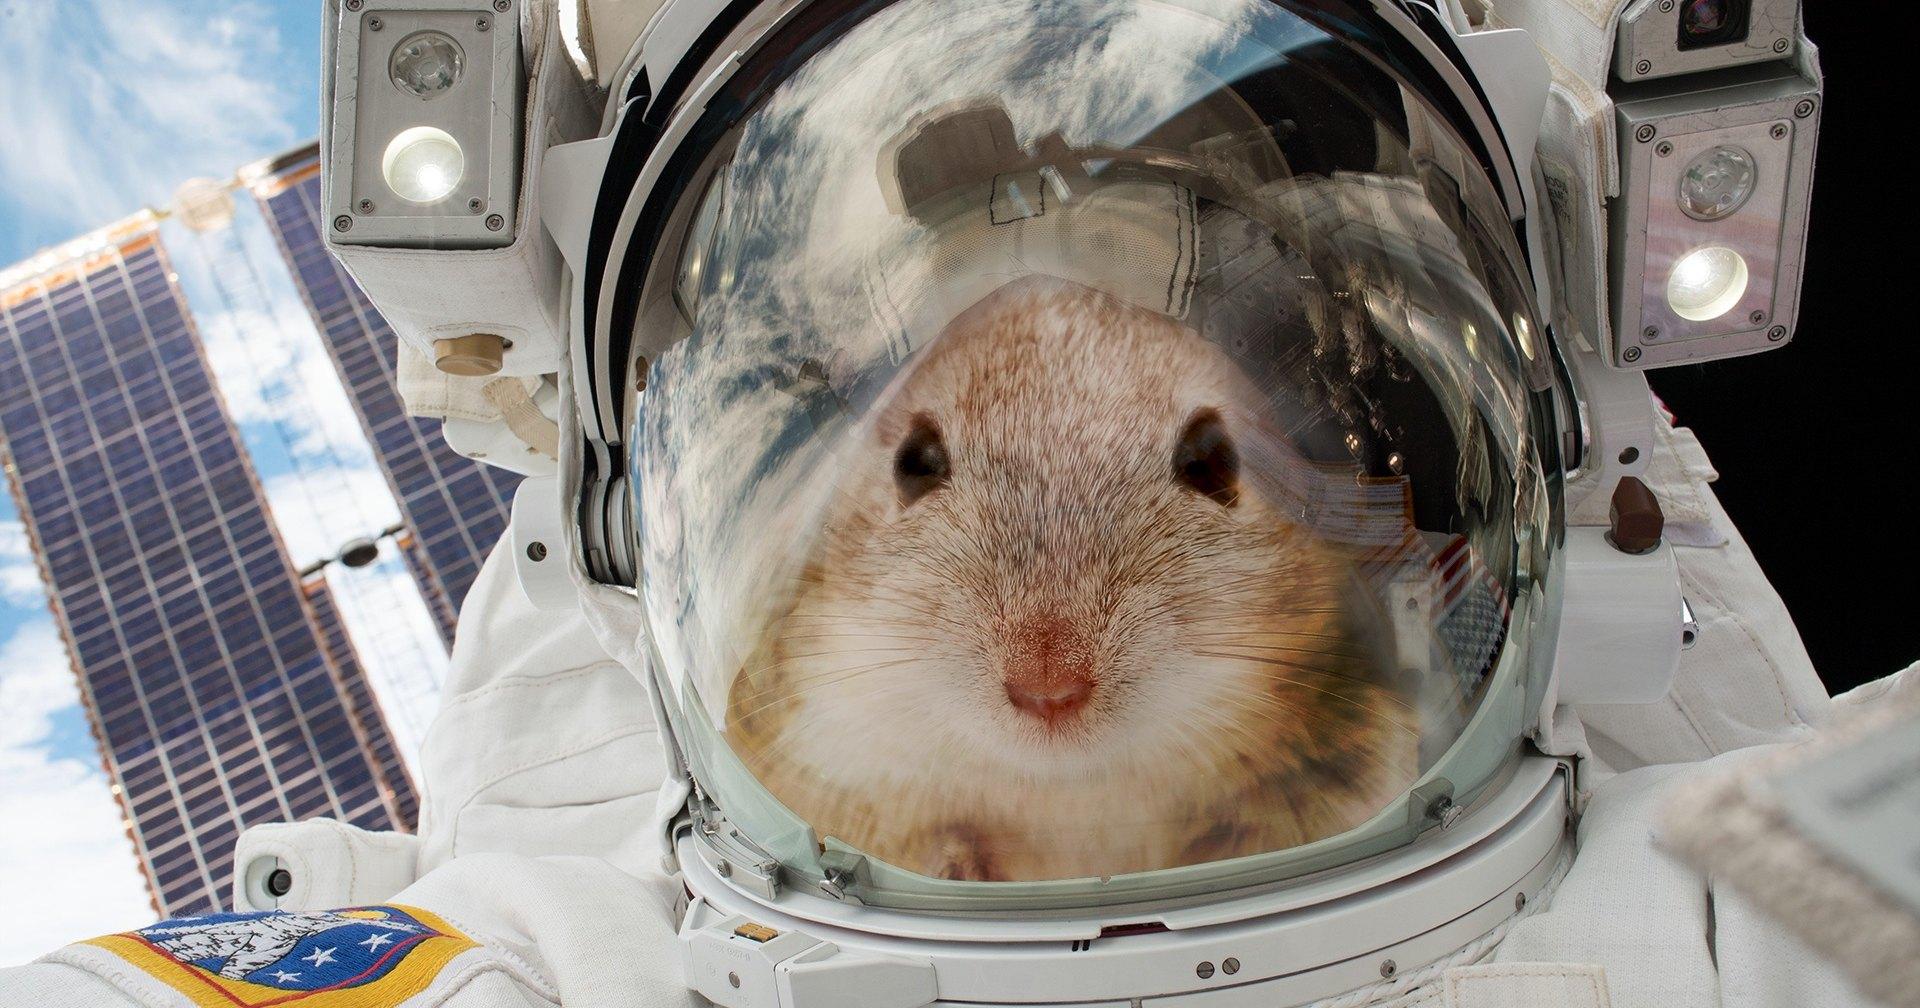 Мыши отправились в космос, чтобы помочь людям полететь на Марс